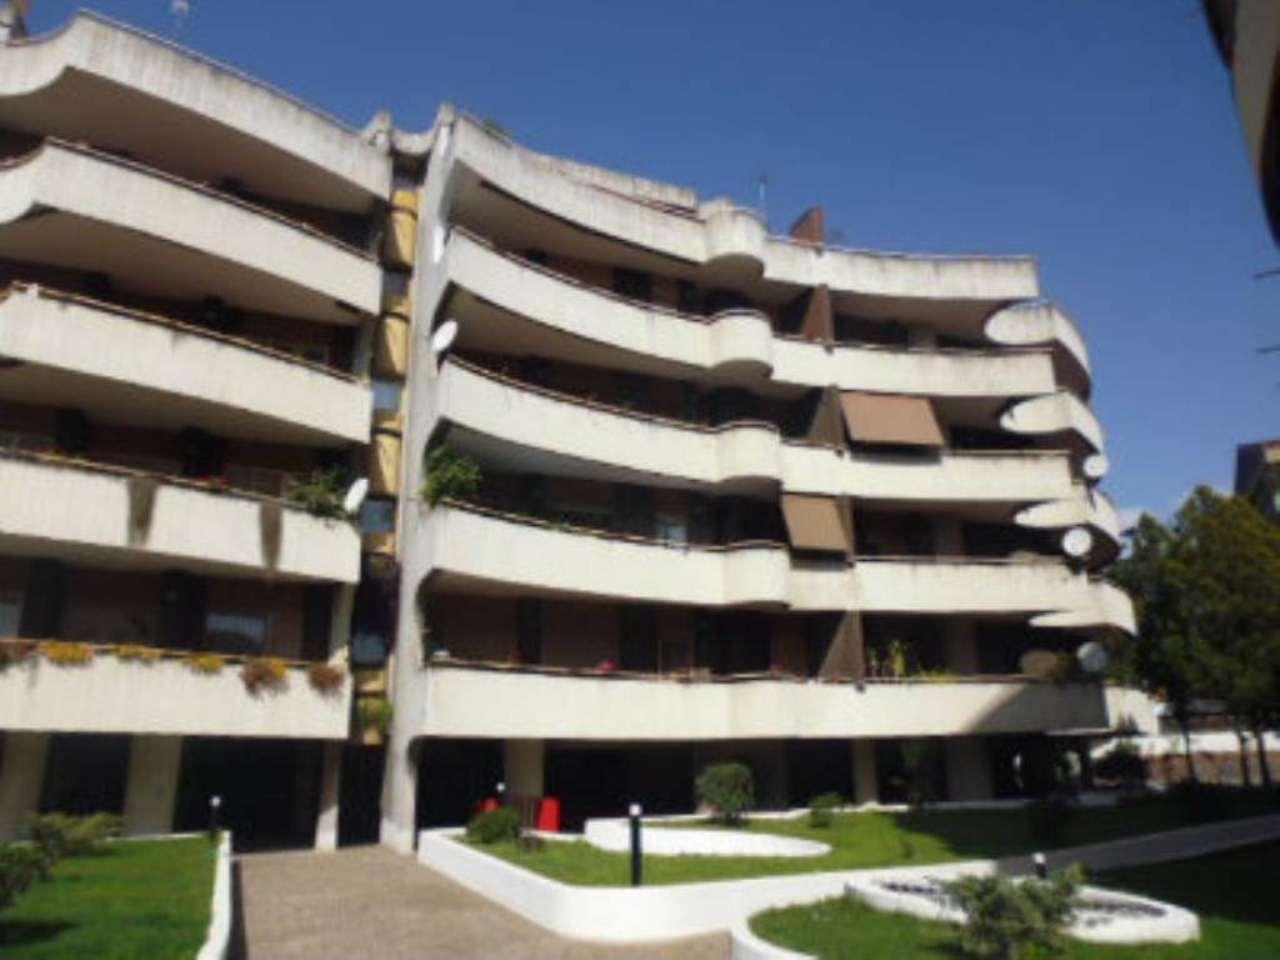 Appartamento in Vendita a Roma 29 Monteverde / Gianicolense / Colli Portuensi: 5 locali, 160 mq